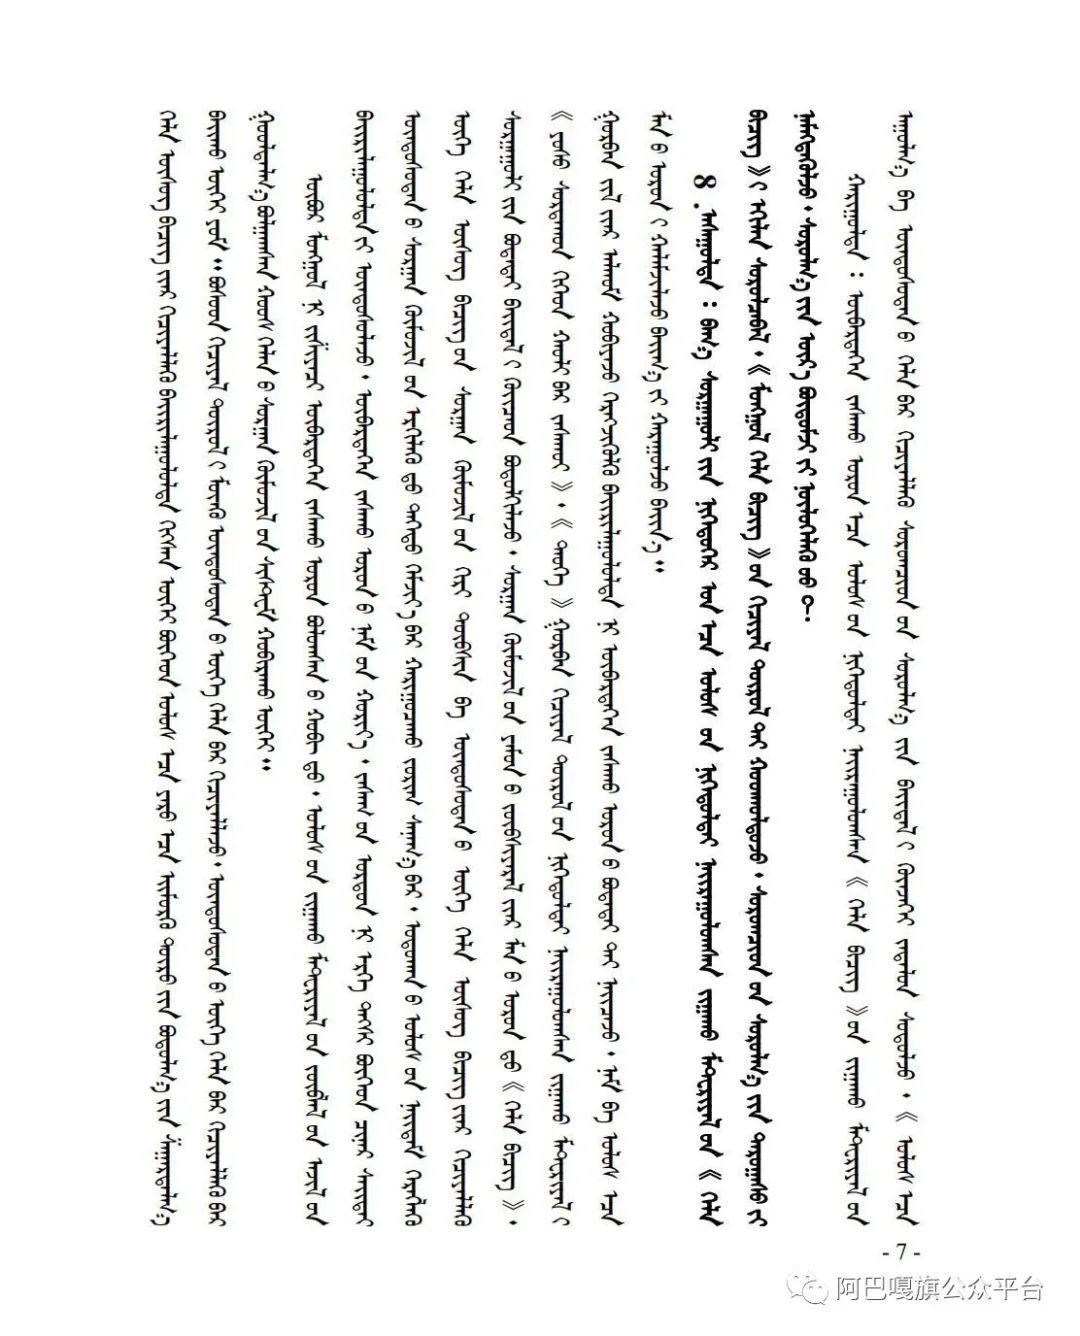 """锡林郭勒盟使用国家统编教材""""有问必答""""(第一期)(蒙汉文) 第7张 锡林郭勒盟使用国家统编教材""""有问必答""""(第一期)(蒙汉文) 蒙古文库"""